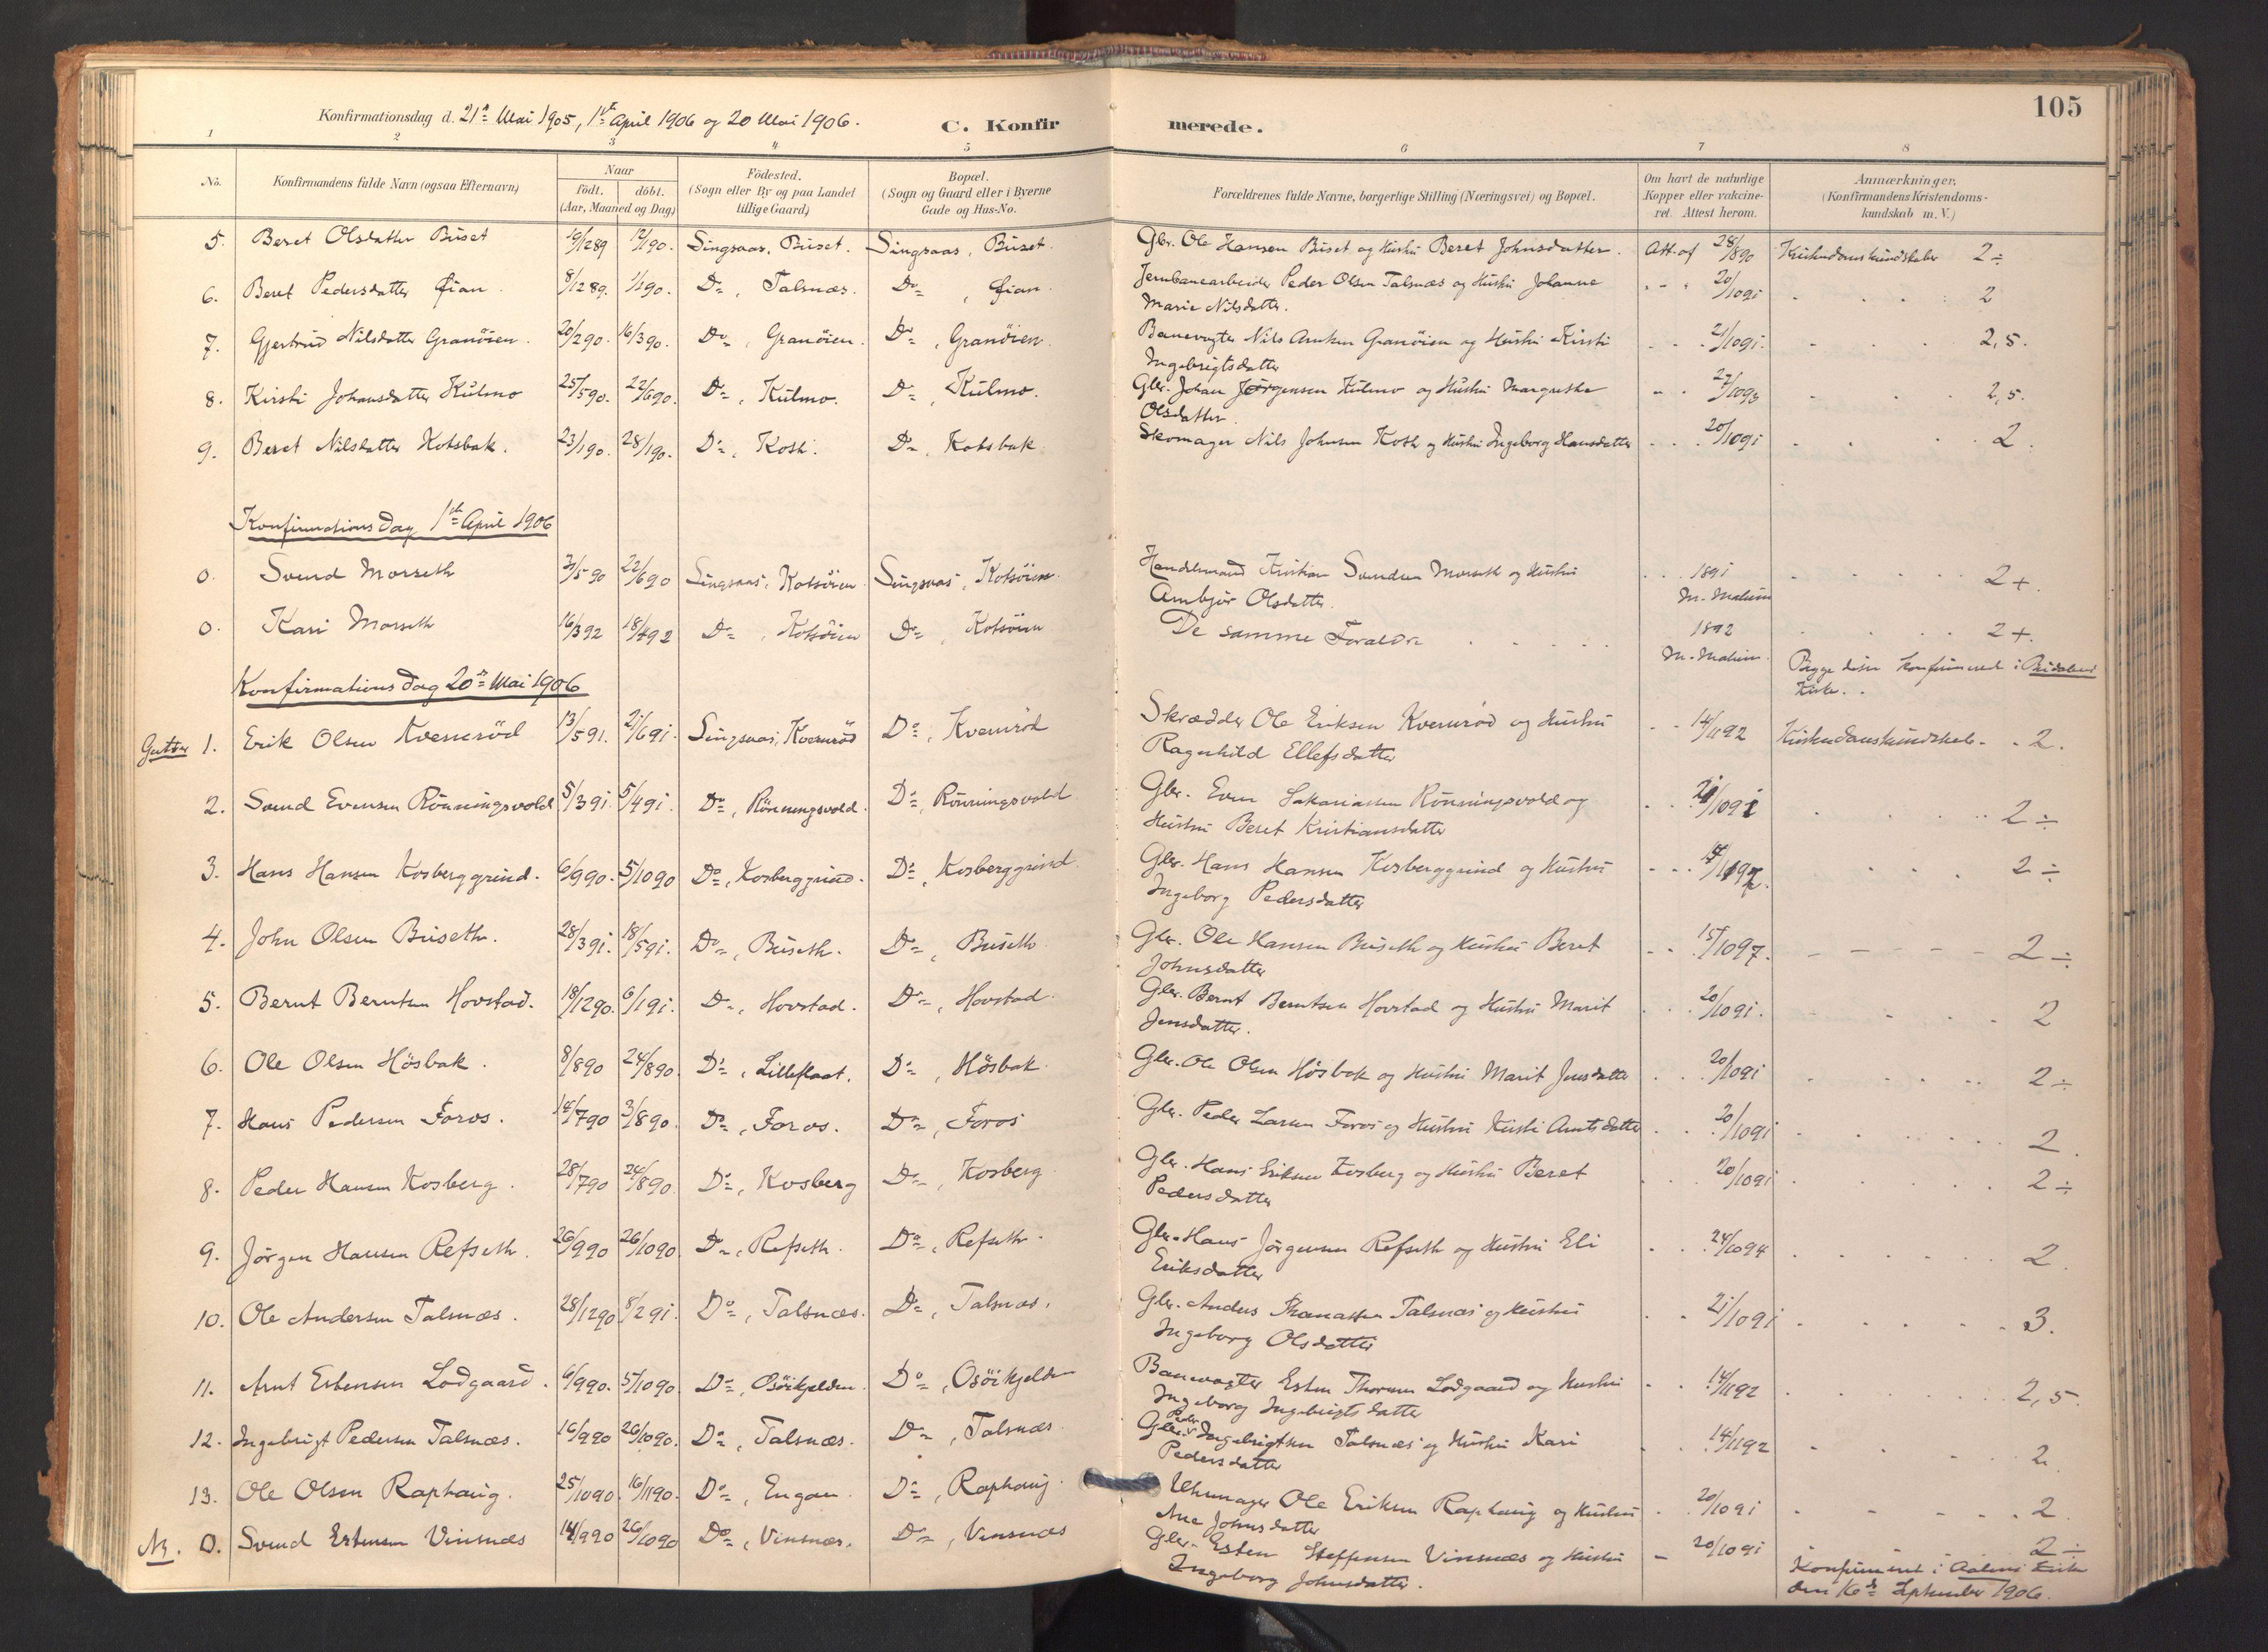 SAT, Ministerialprotokoller, klokkerbøker og fødselsregistre - Sør-Trøndelag, 688/L1025: Ministerialbok nr. 688A02, 1891-1909, s. 105